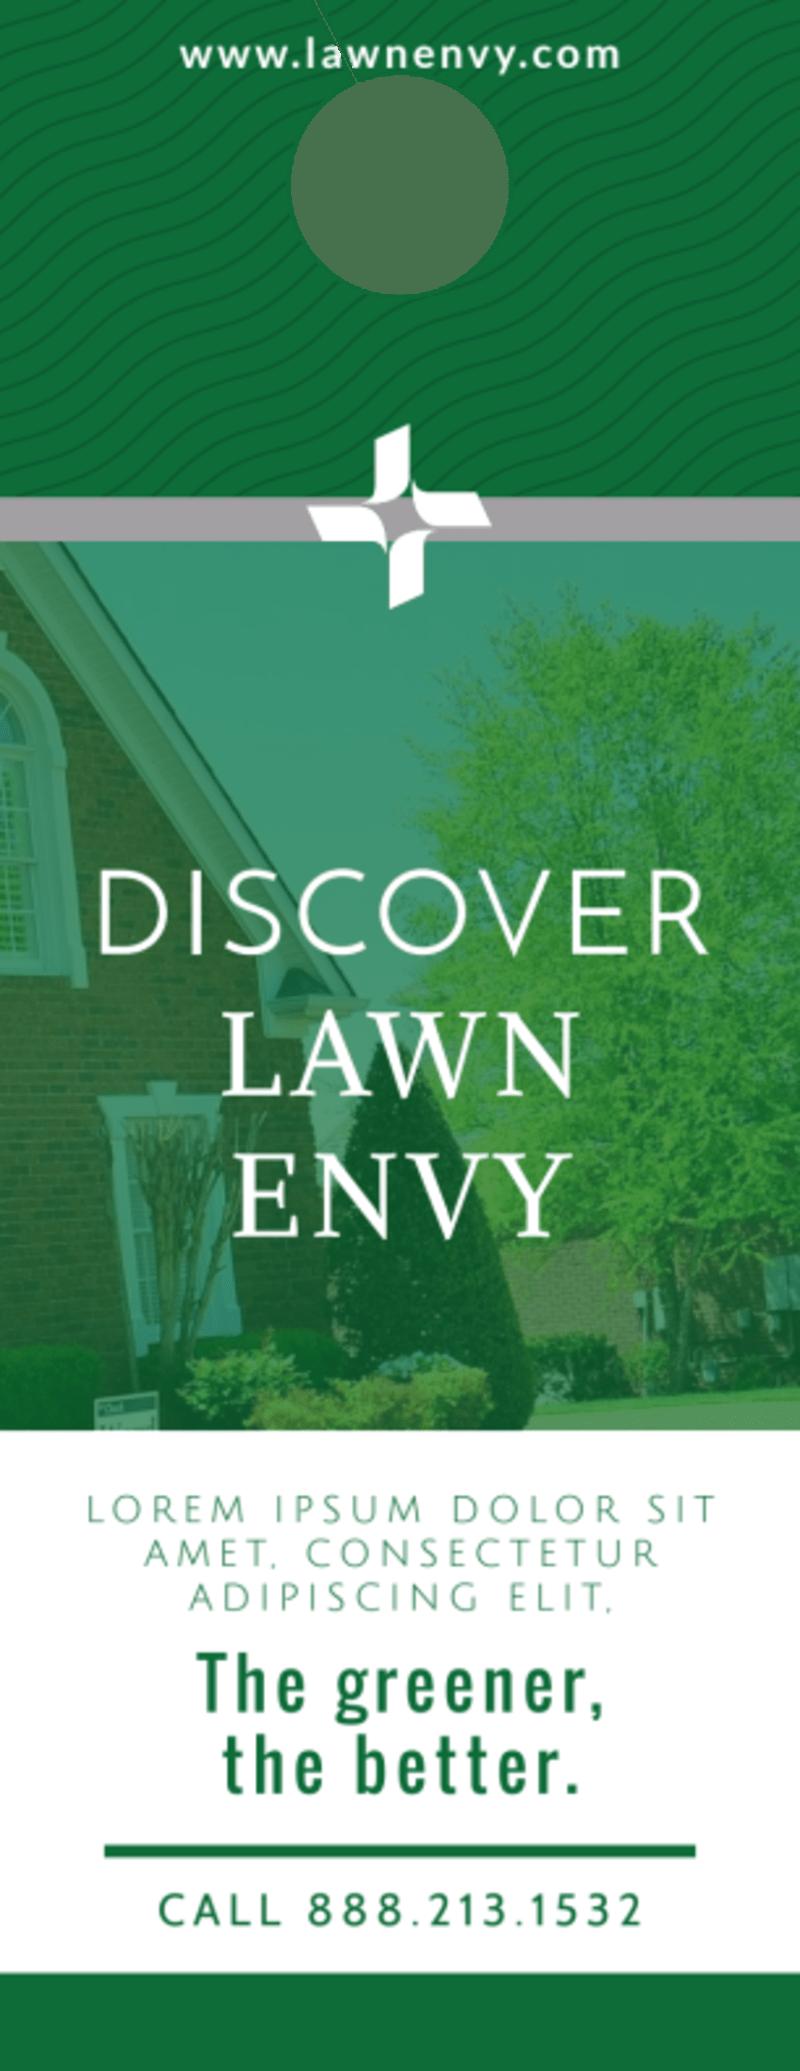 Lawn Envy Door Hanger Template Preview 2